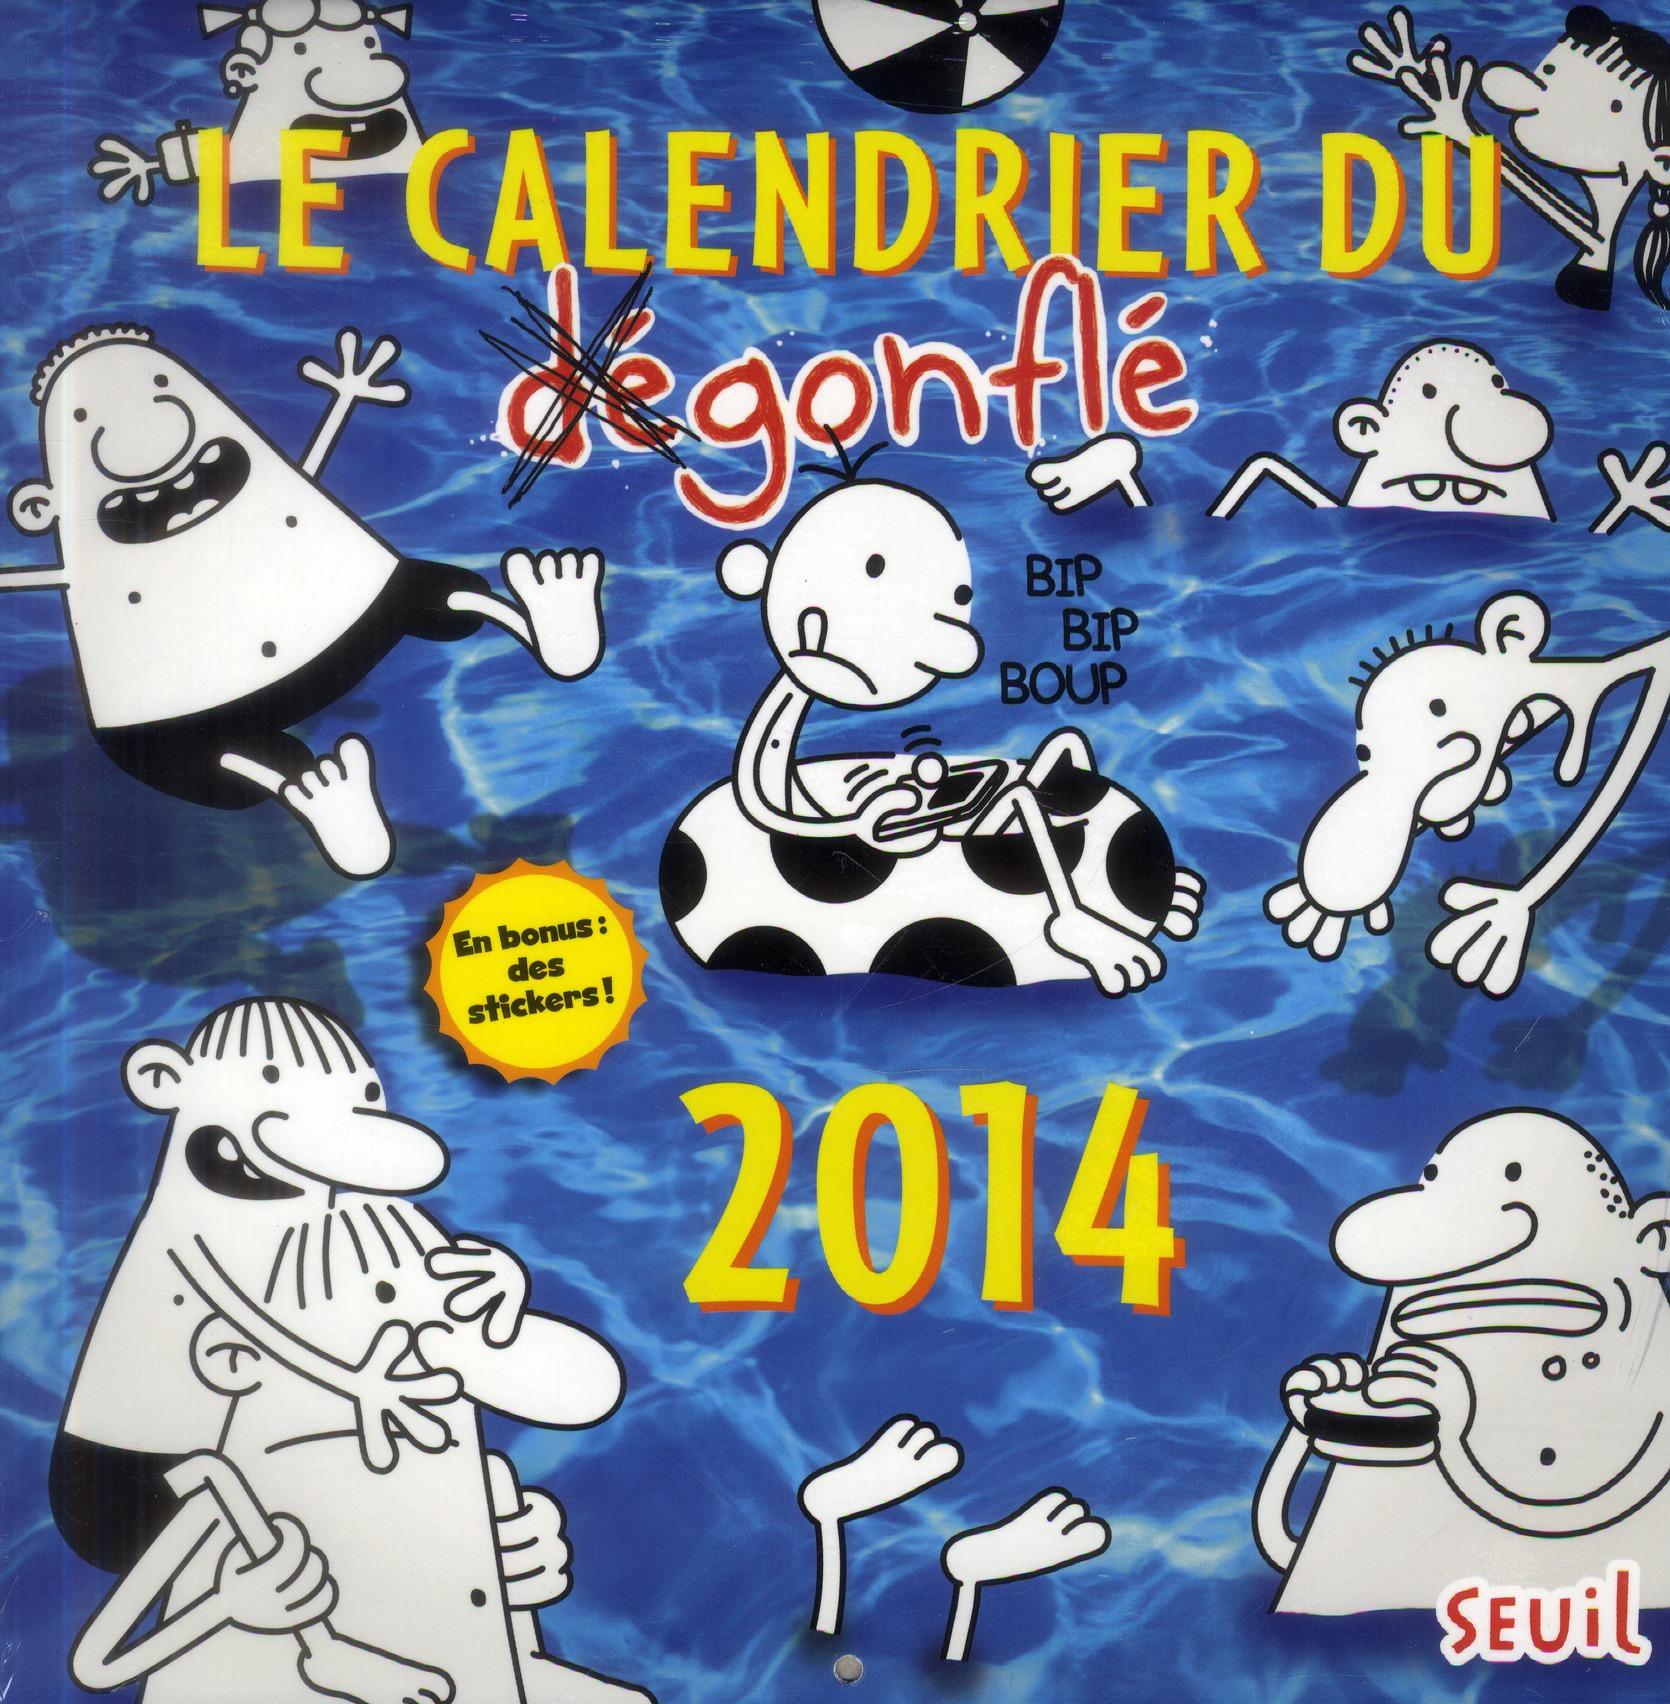 CALDENRIER DU DEGONFLE 2014